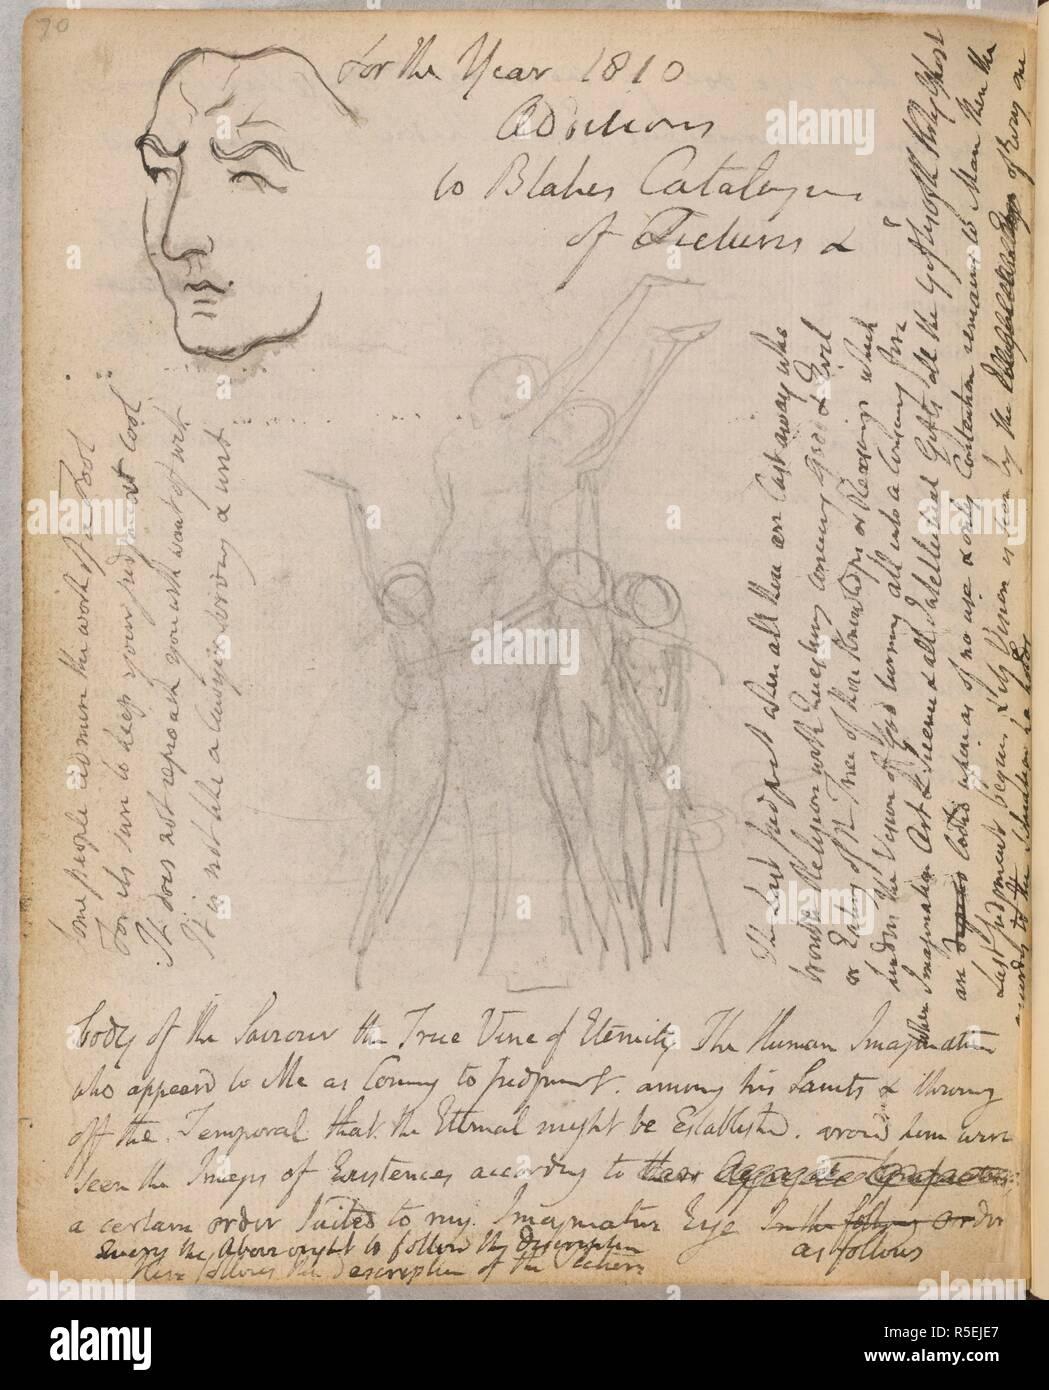 Skizzen Und Gedichte Von Blake Notebook Von William Blake